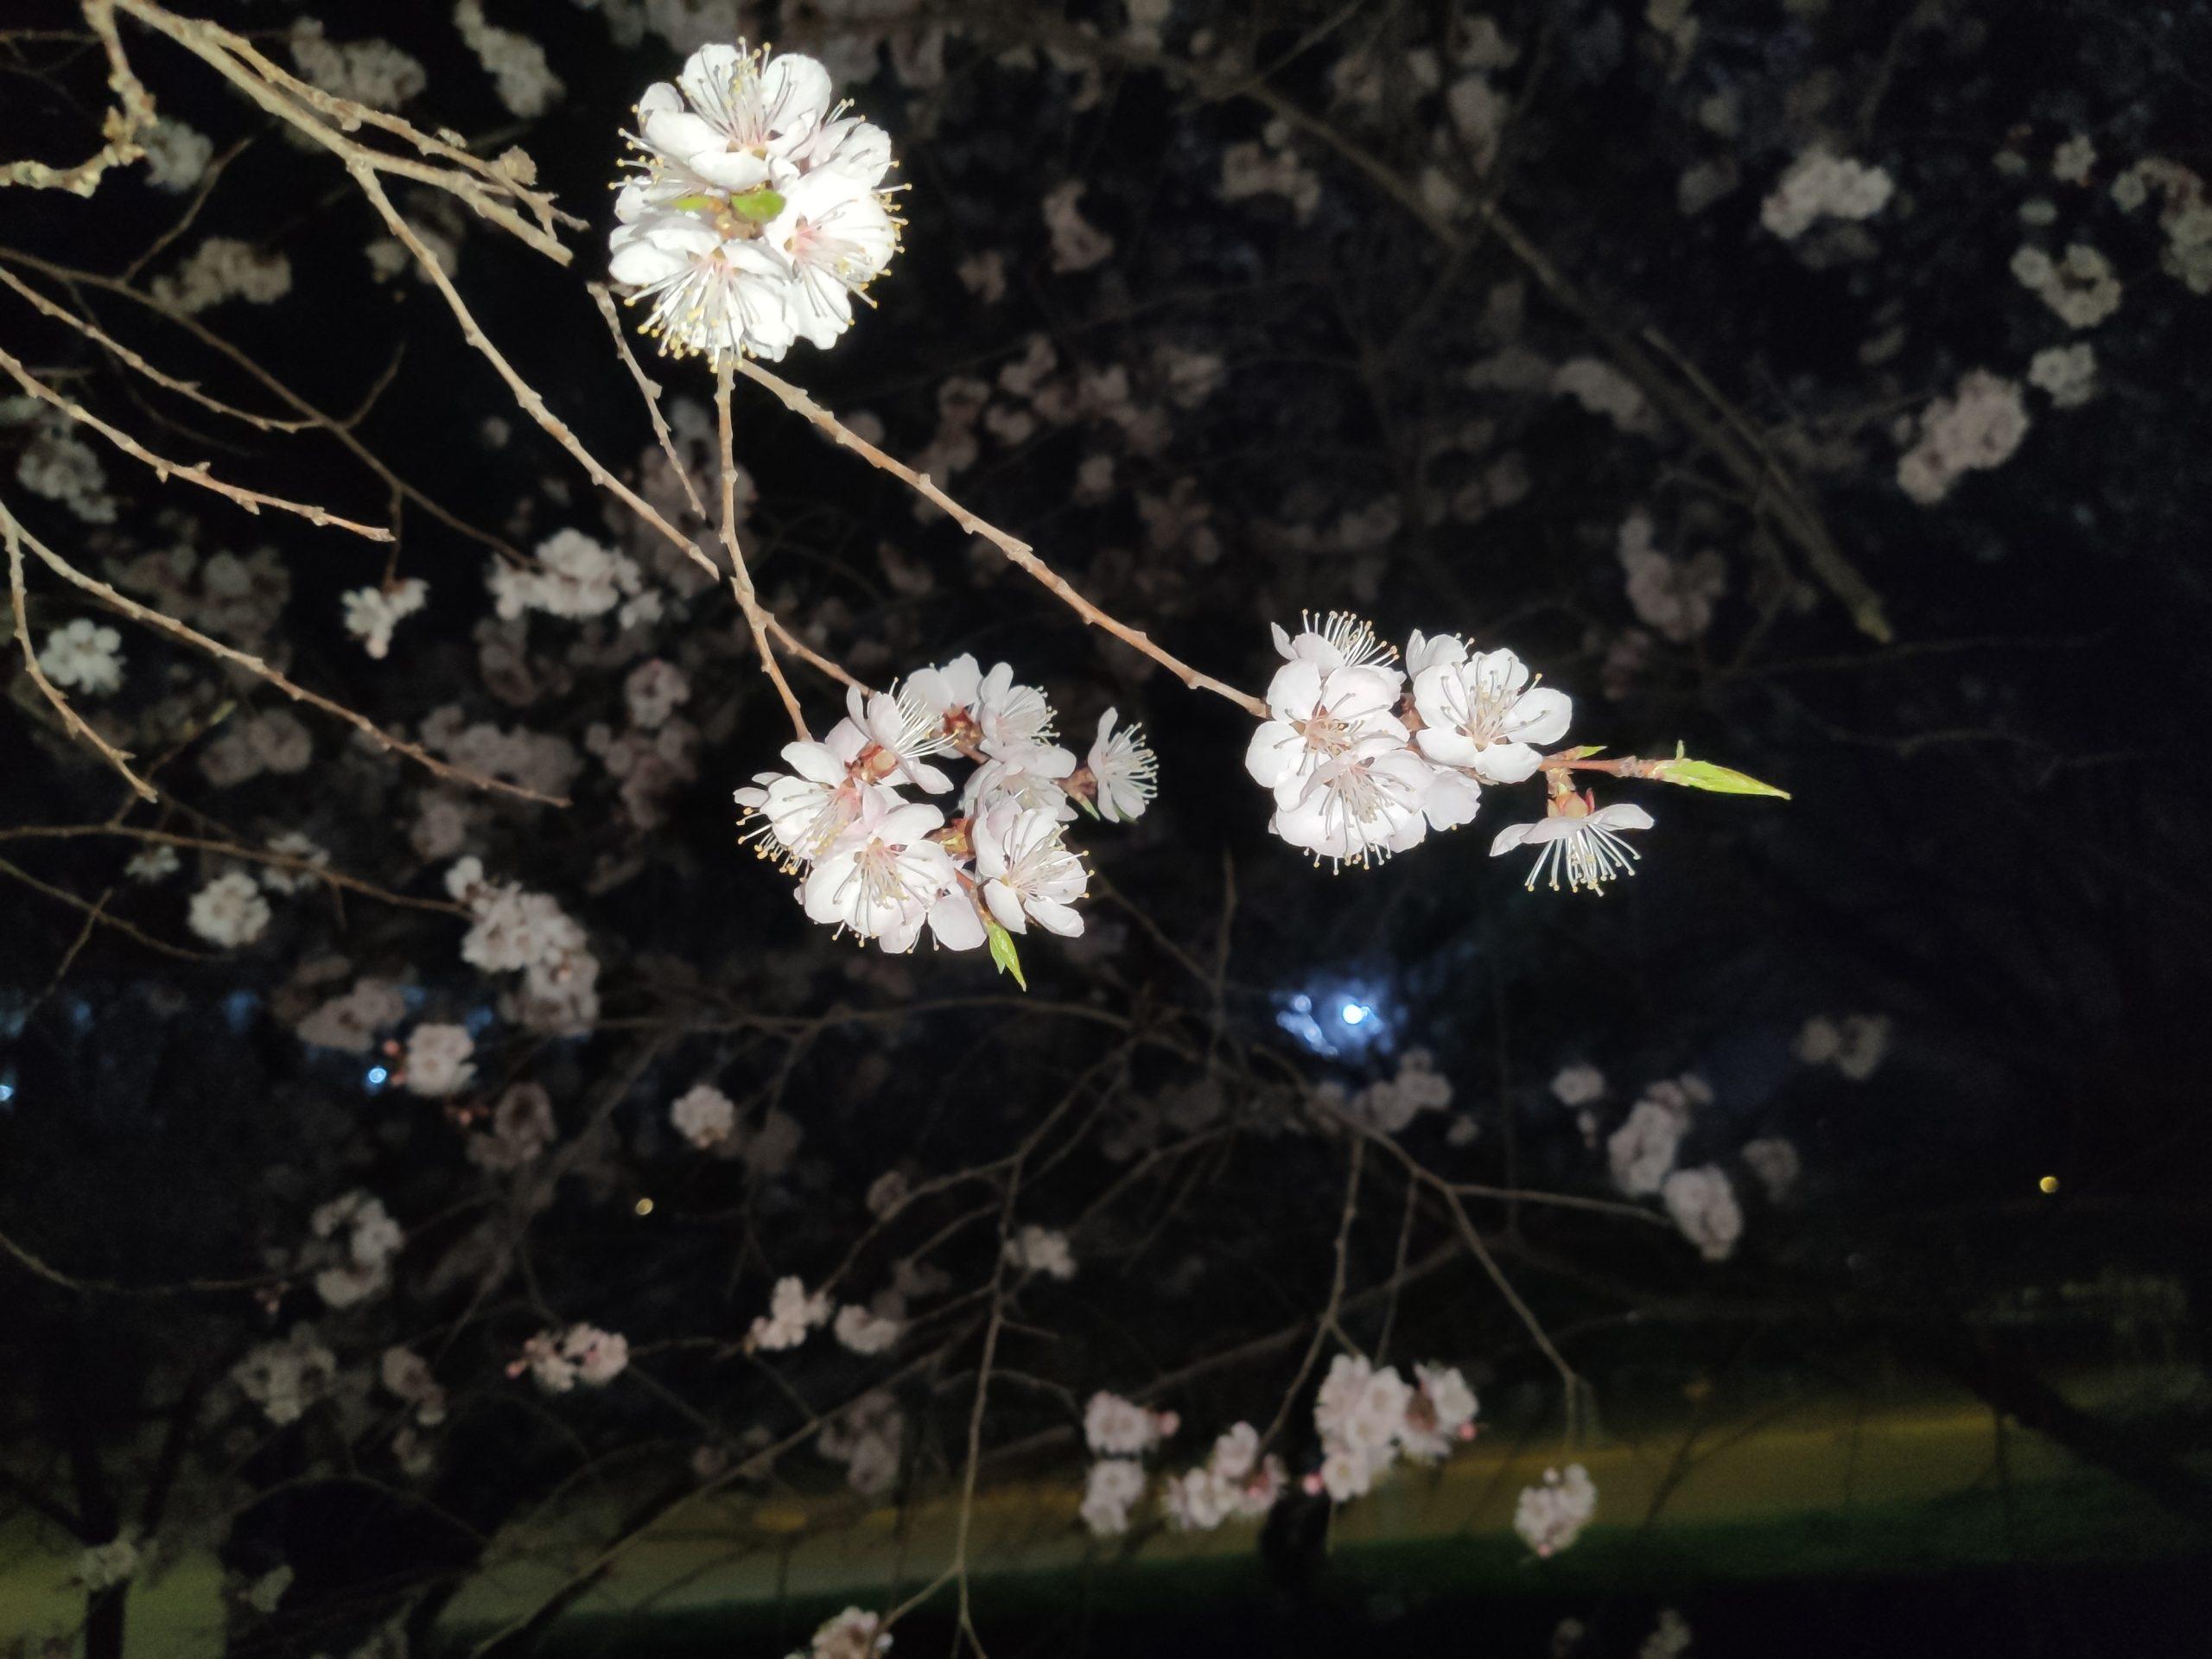 忙忙碌碌一天之后,却发现原来黑暗中还有这般风景插图5